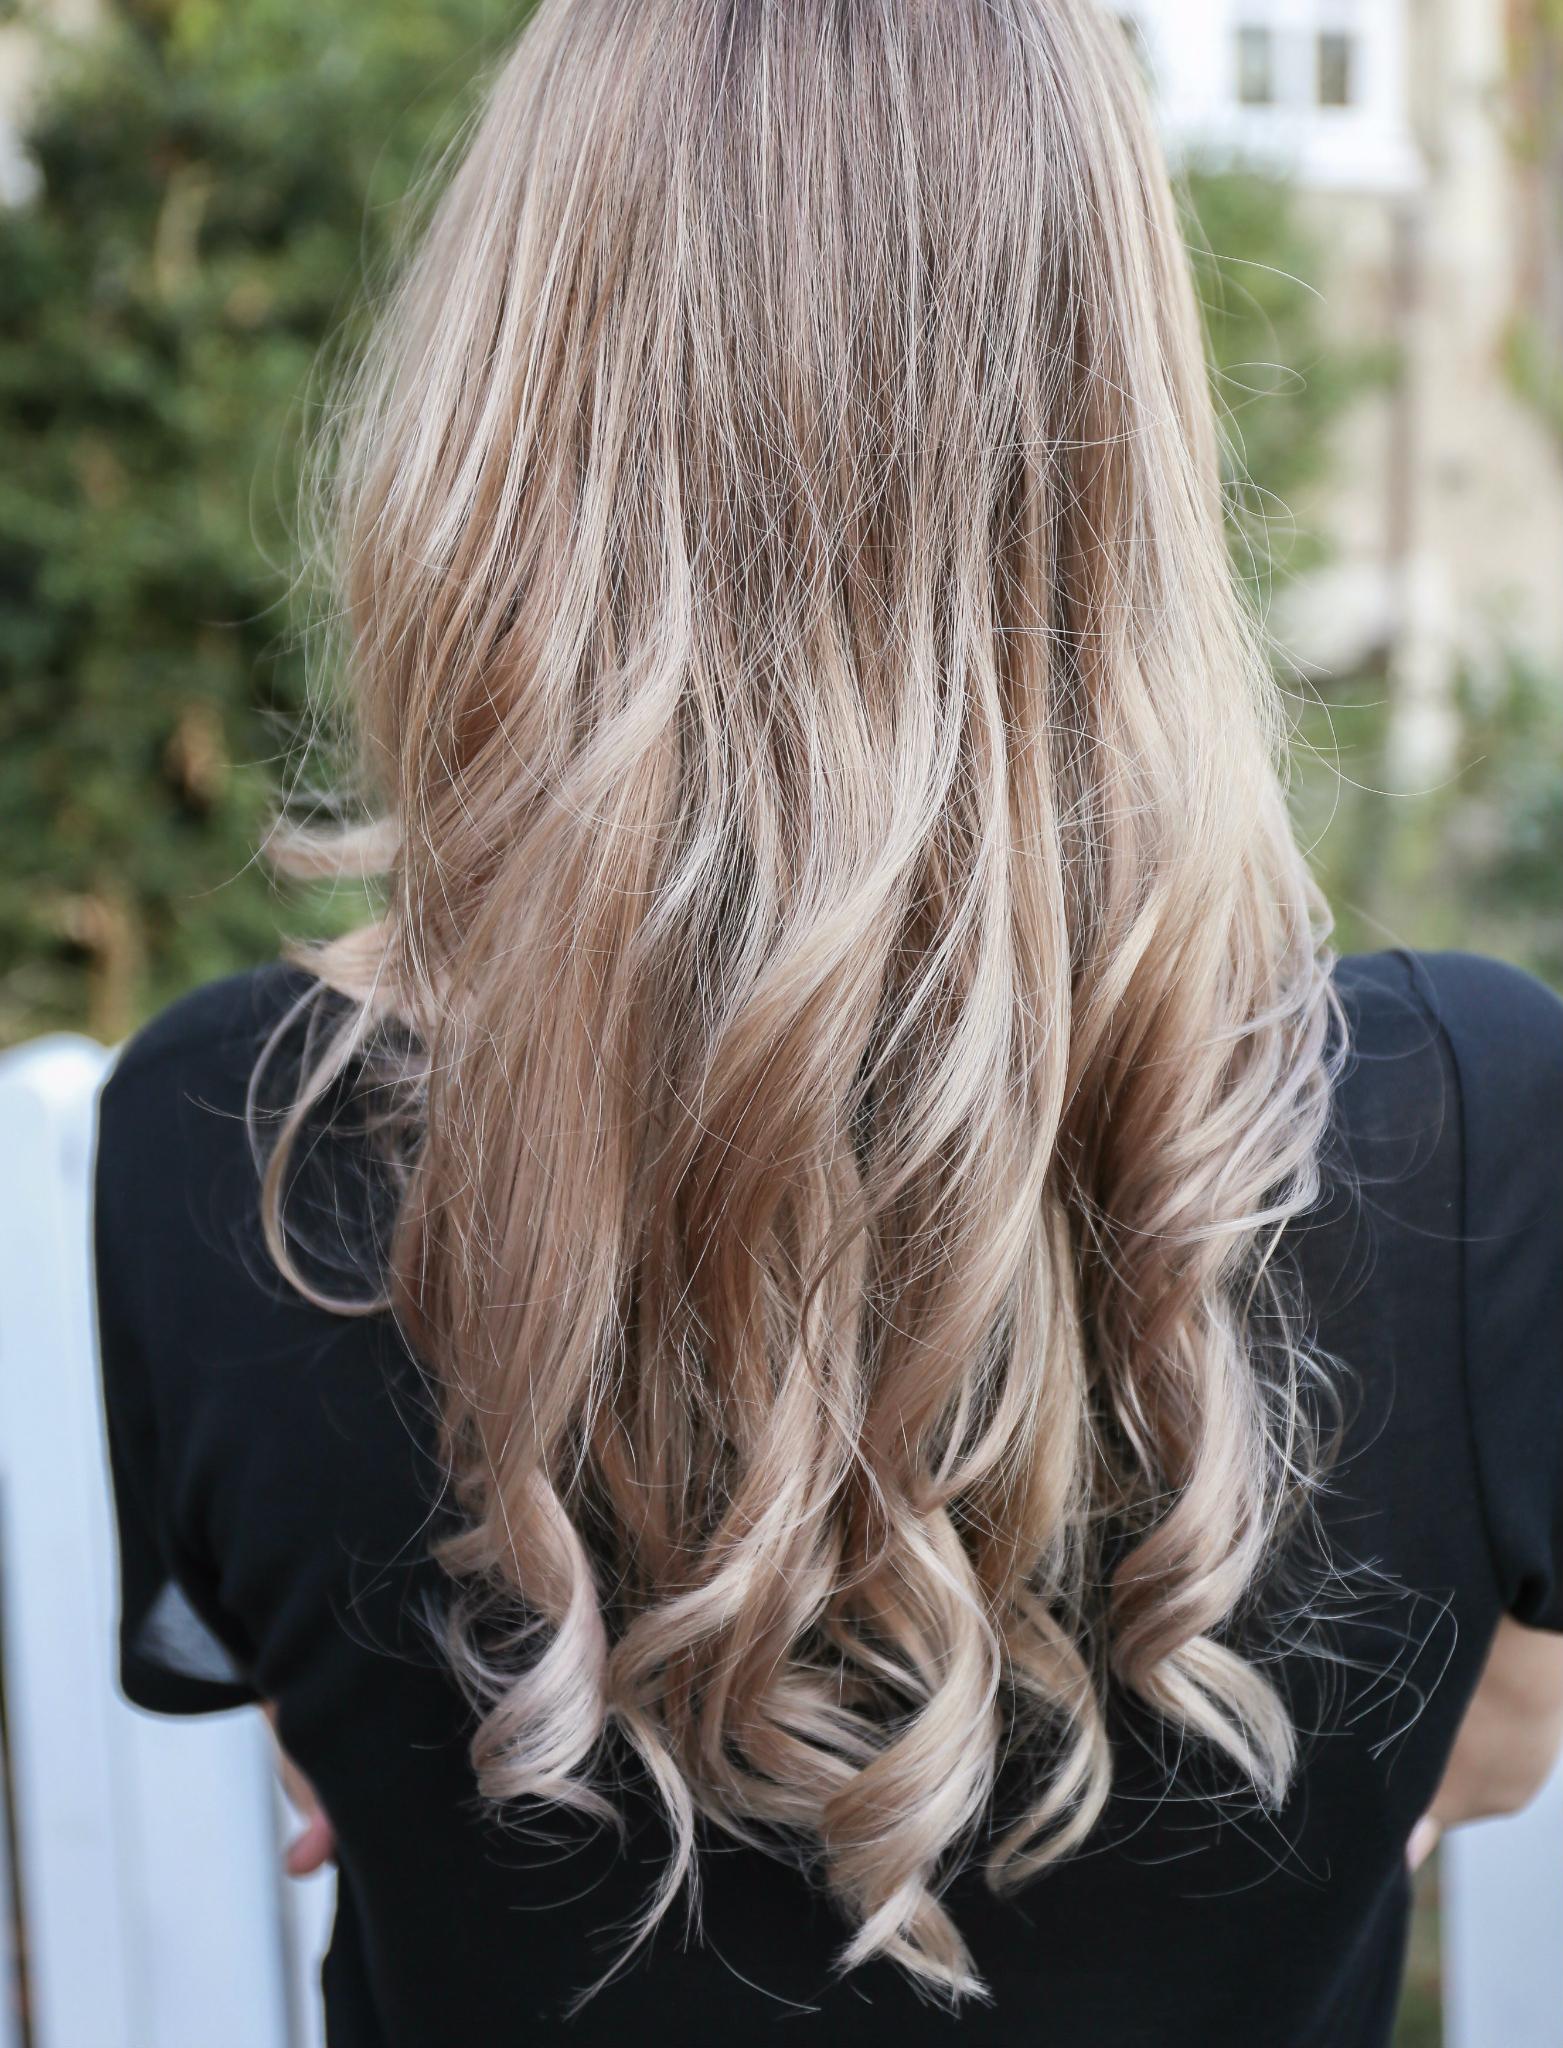 MOD-by-Monique-Beauty-Olaplex-Treatment-Pastel-Hair-8-1